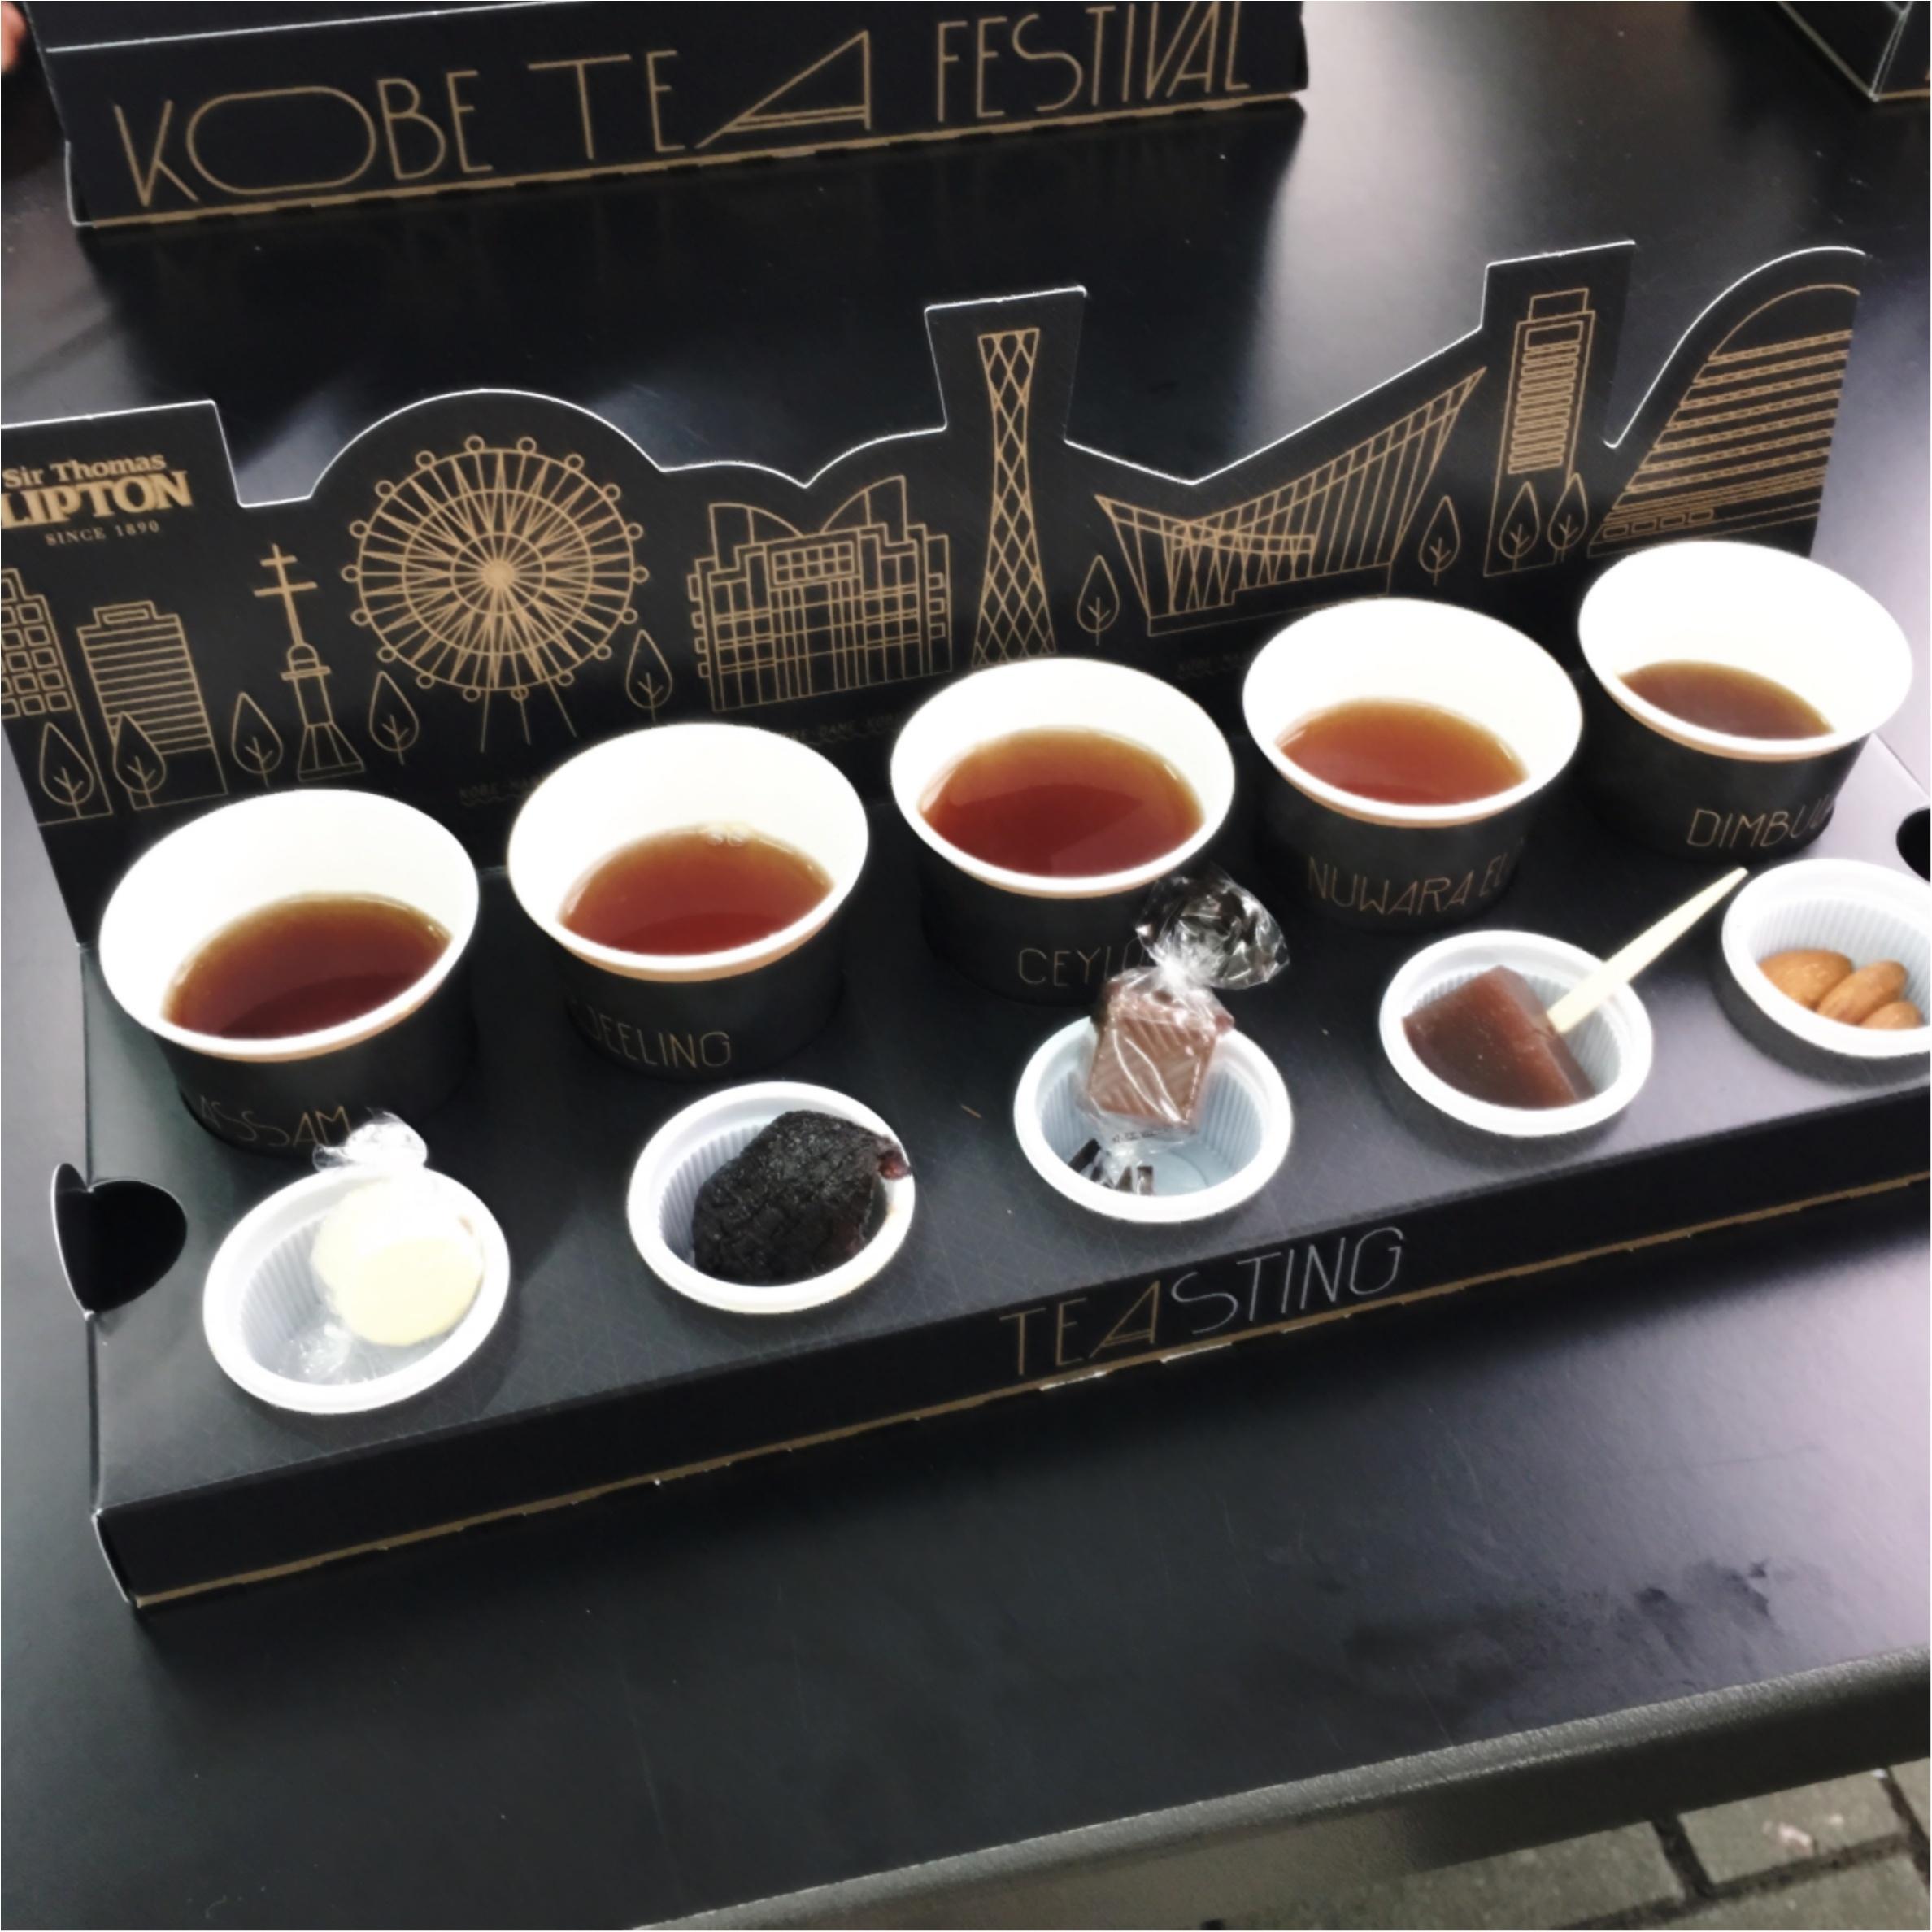 """紅茶を飲み比べ!神戸の""""TEASTING""""イベントに参加してみた♡_3"""